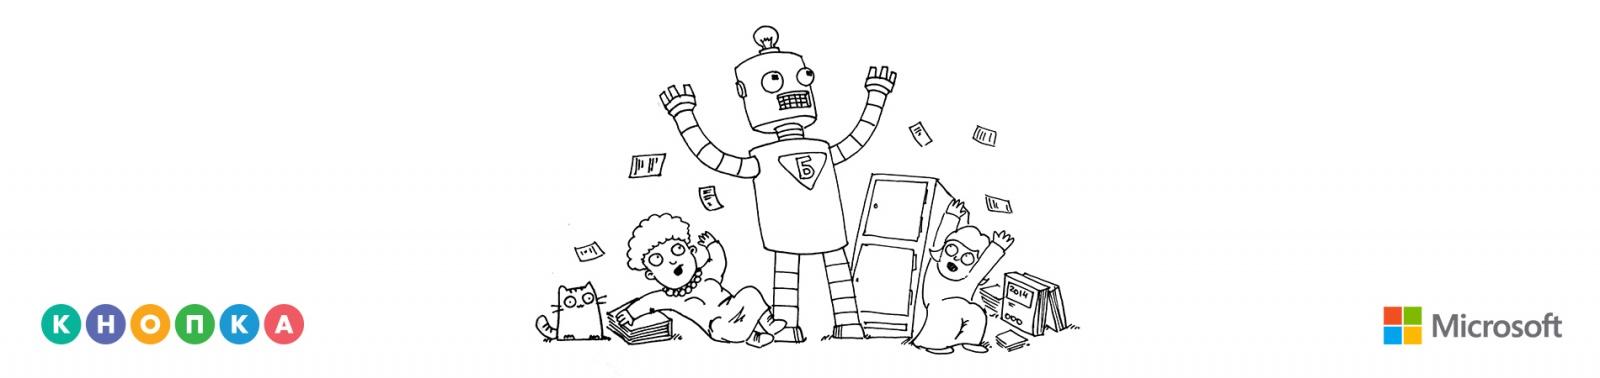 Восстание машин: Как роботы захватили бухгалтерию - 1